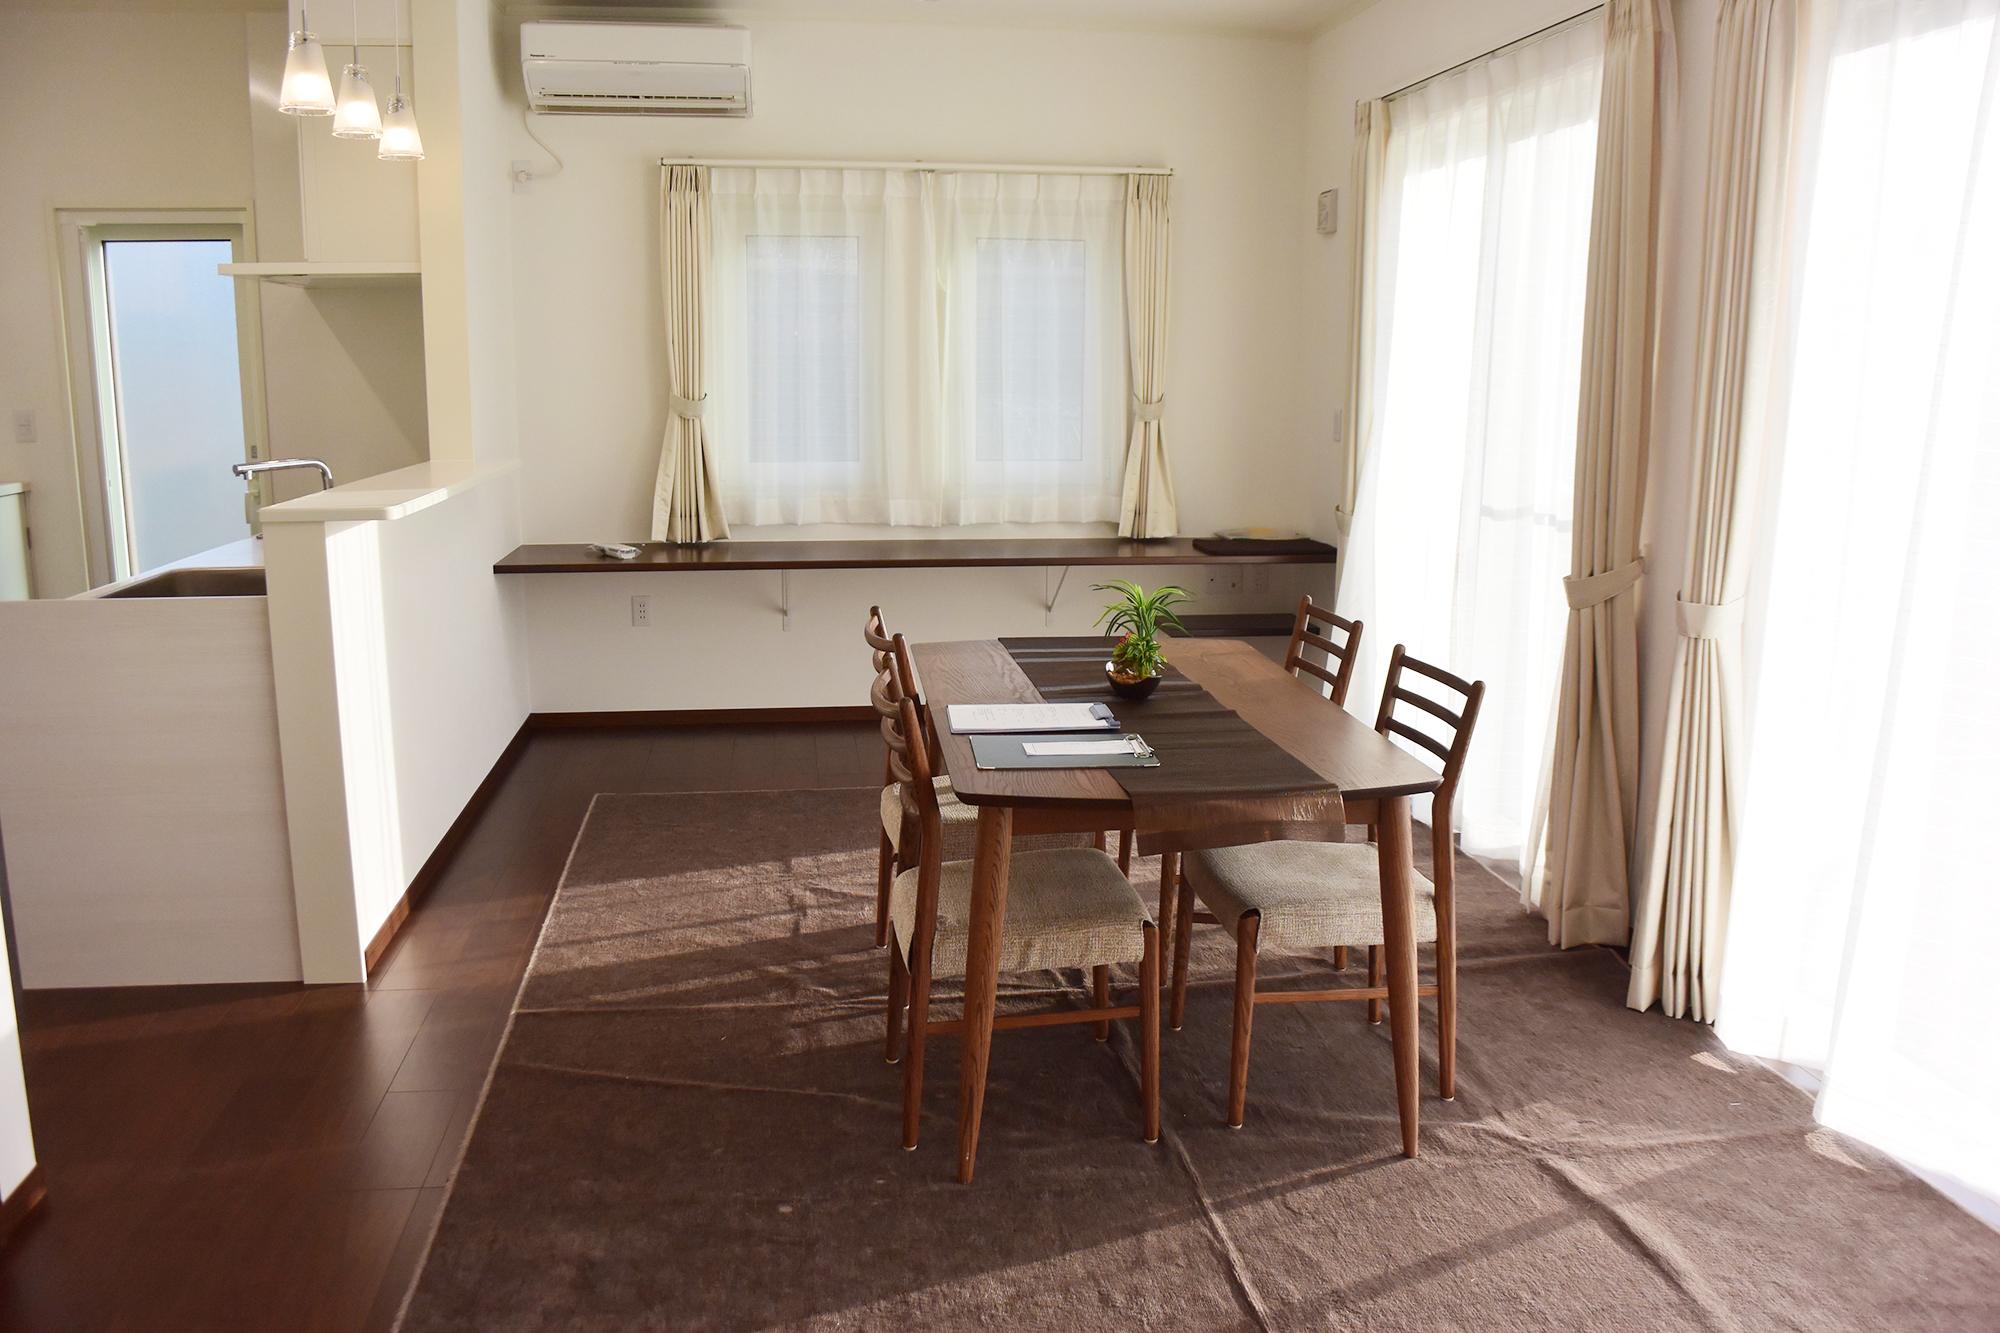 広々とした20帖の LDK。天井も高いので、圧倒的な開放感を味わえます。床下暖房は温床工法となっているので、床もあったかです。